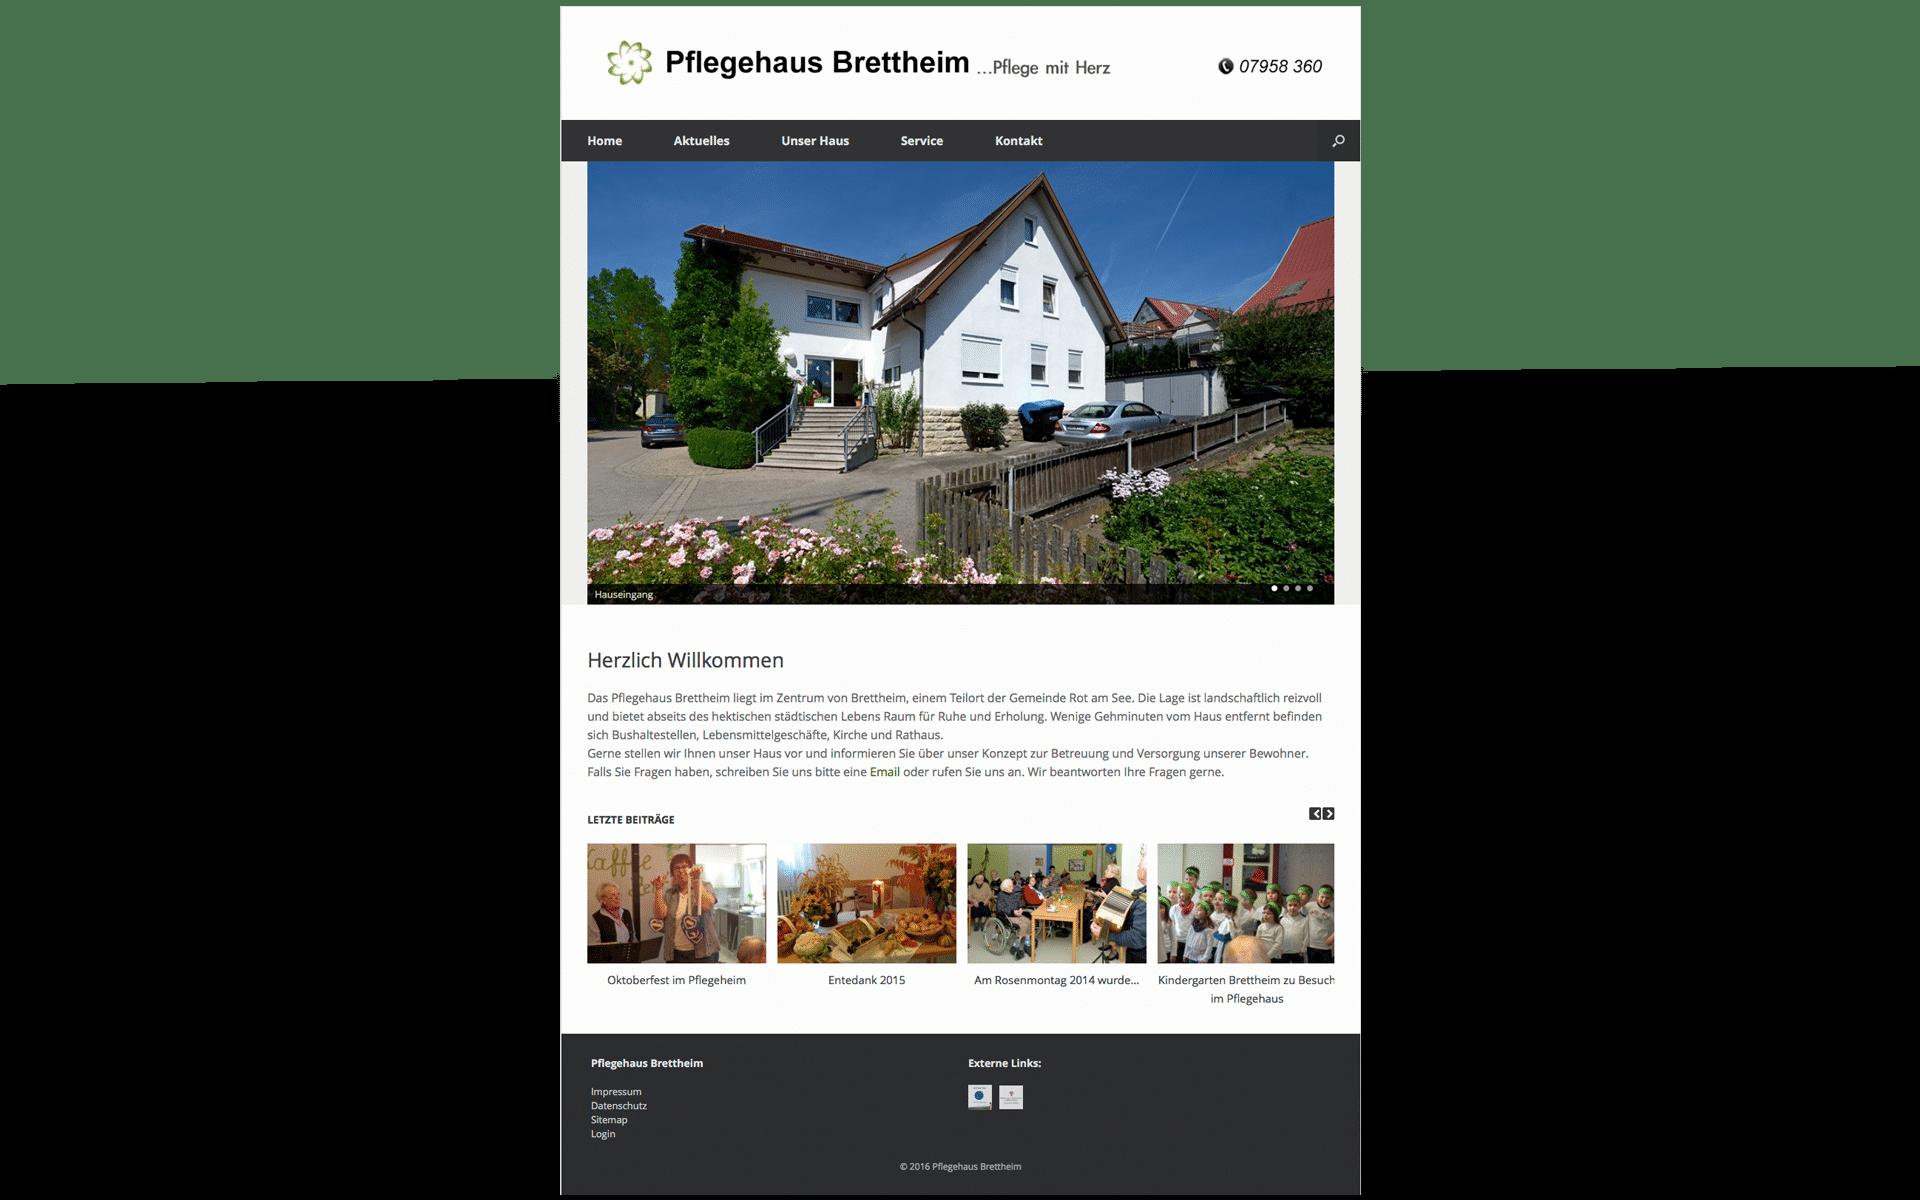 Webseite des Pflegehaus Brettheim